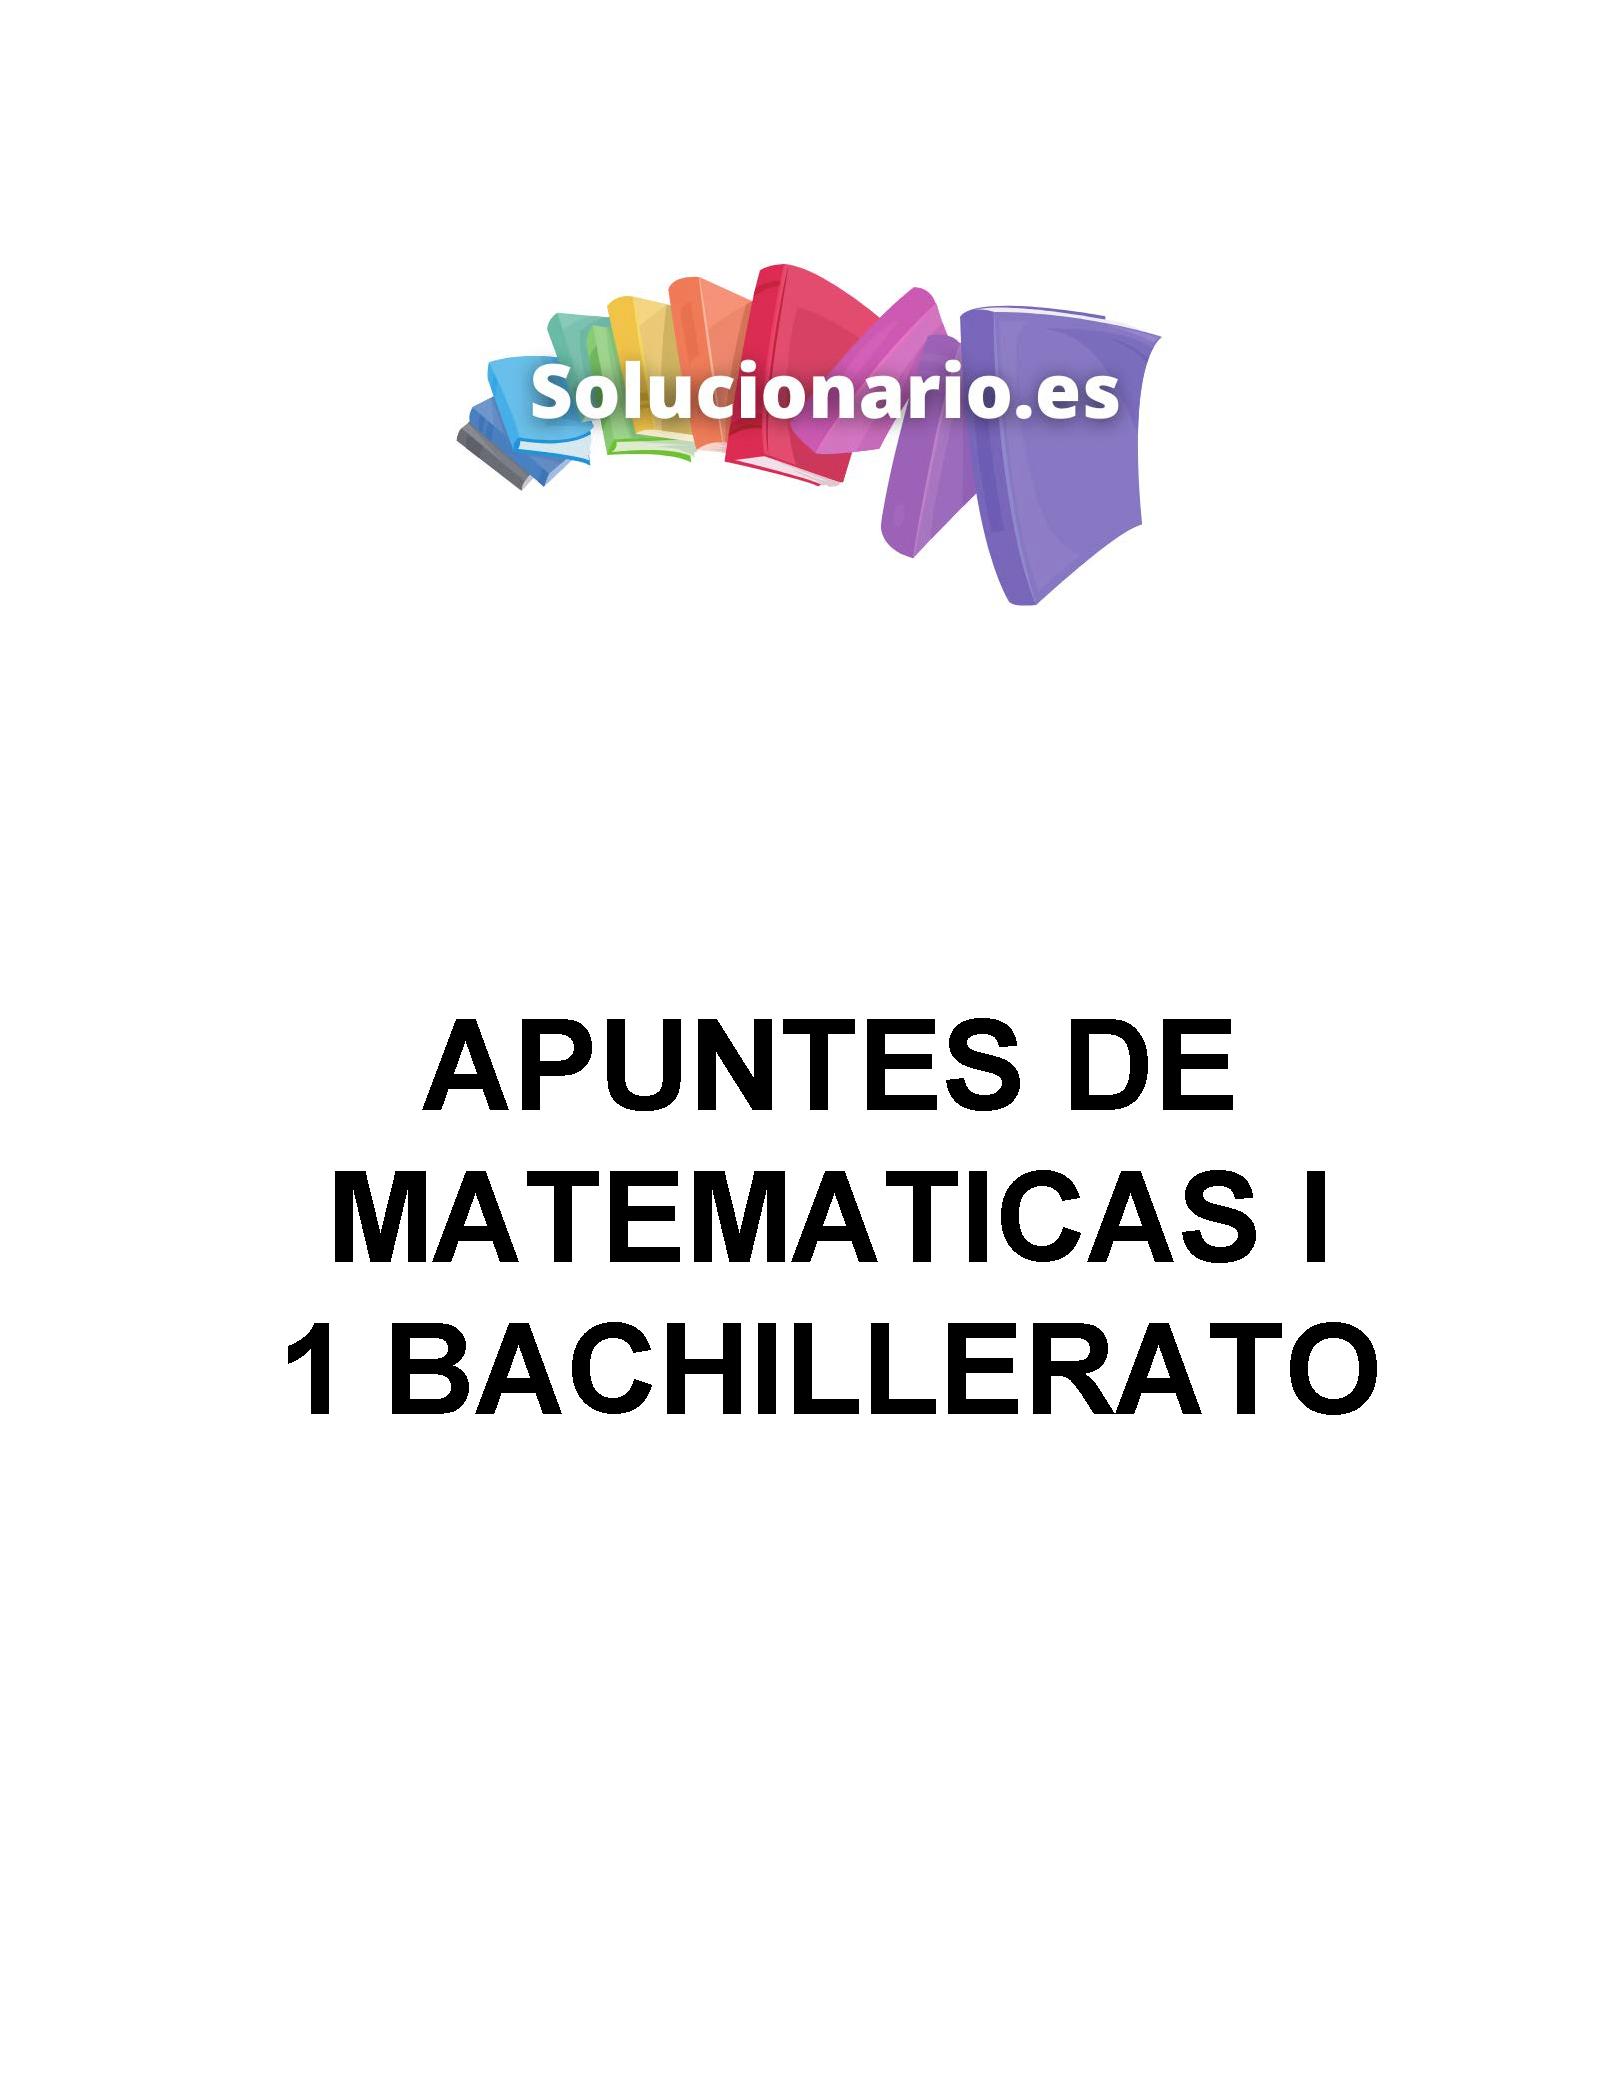 Apuntes Matemáticas Académicas Números Complejos 1 Bachillerato 2020 / 2021